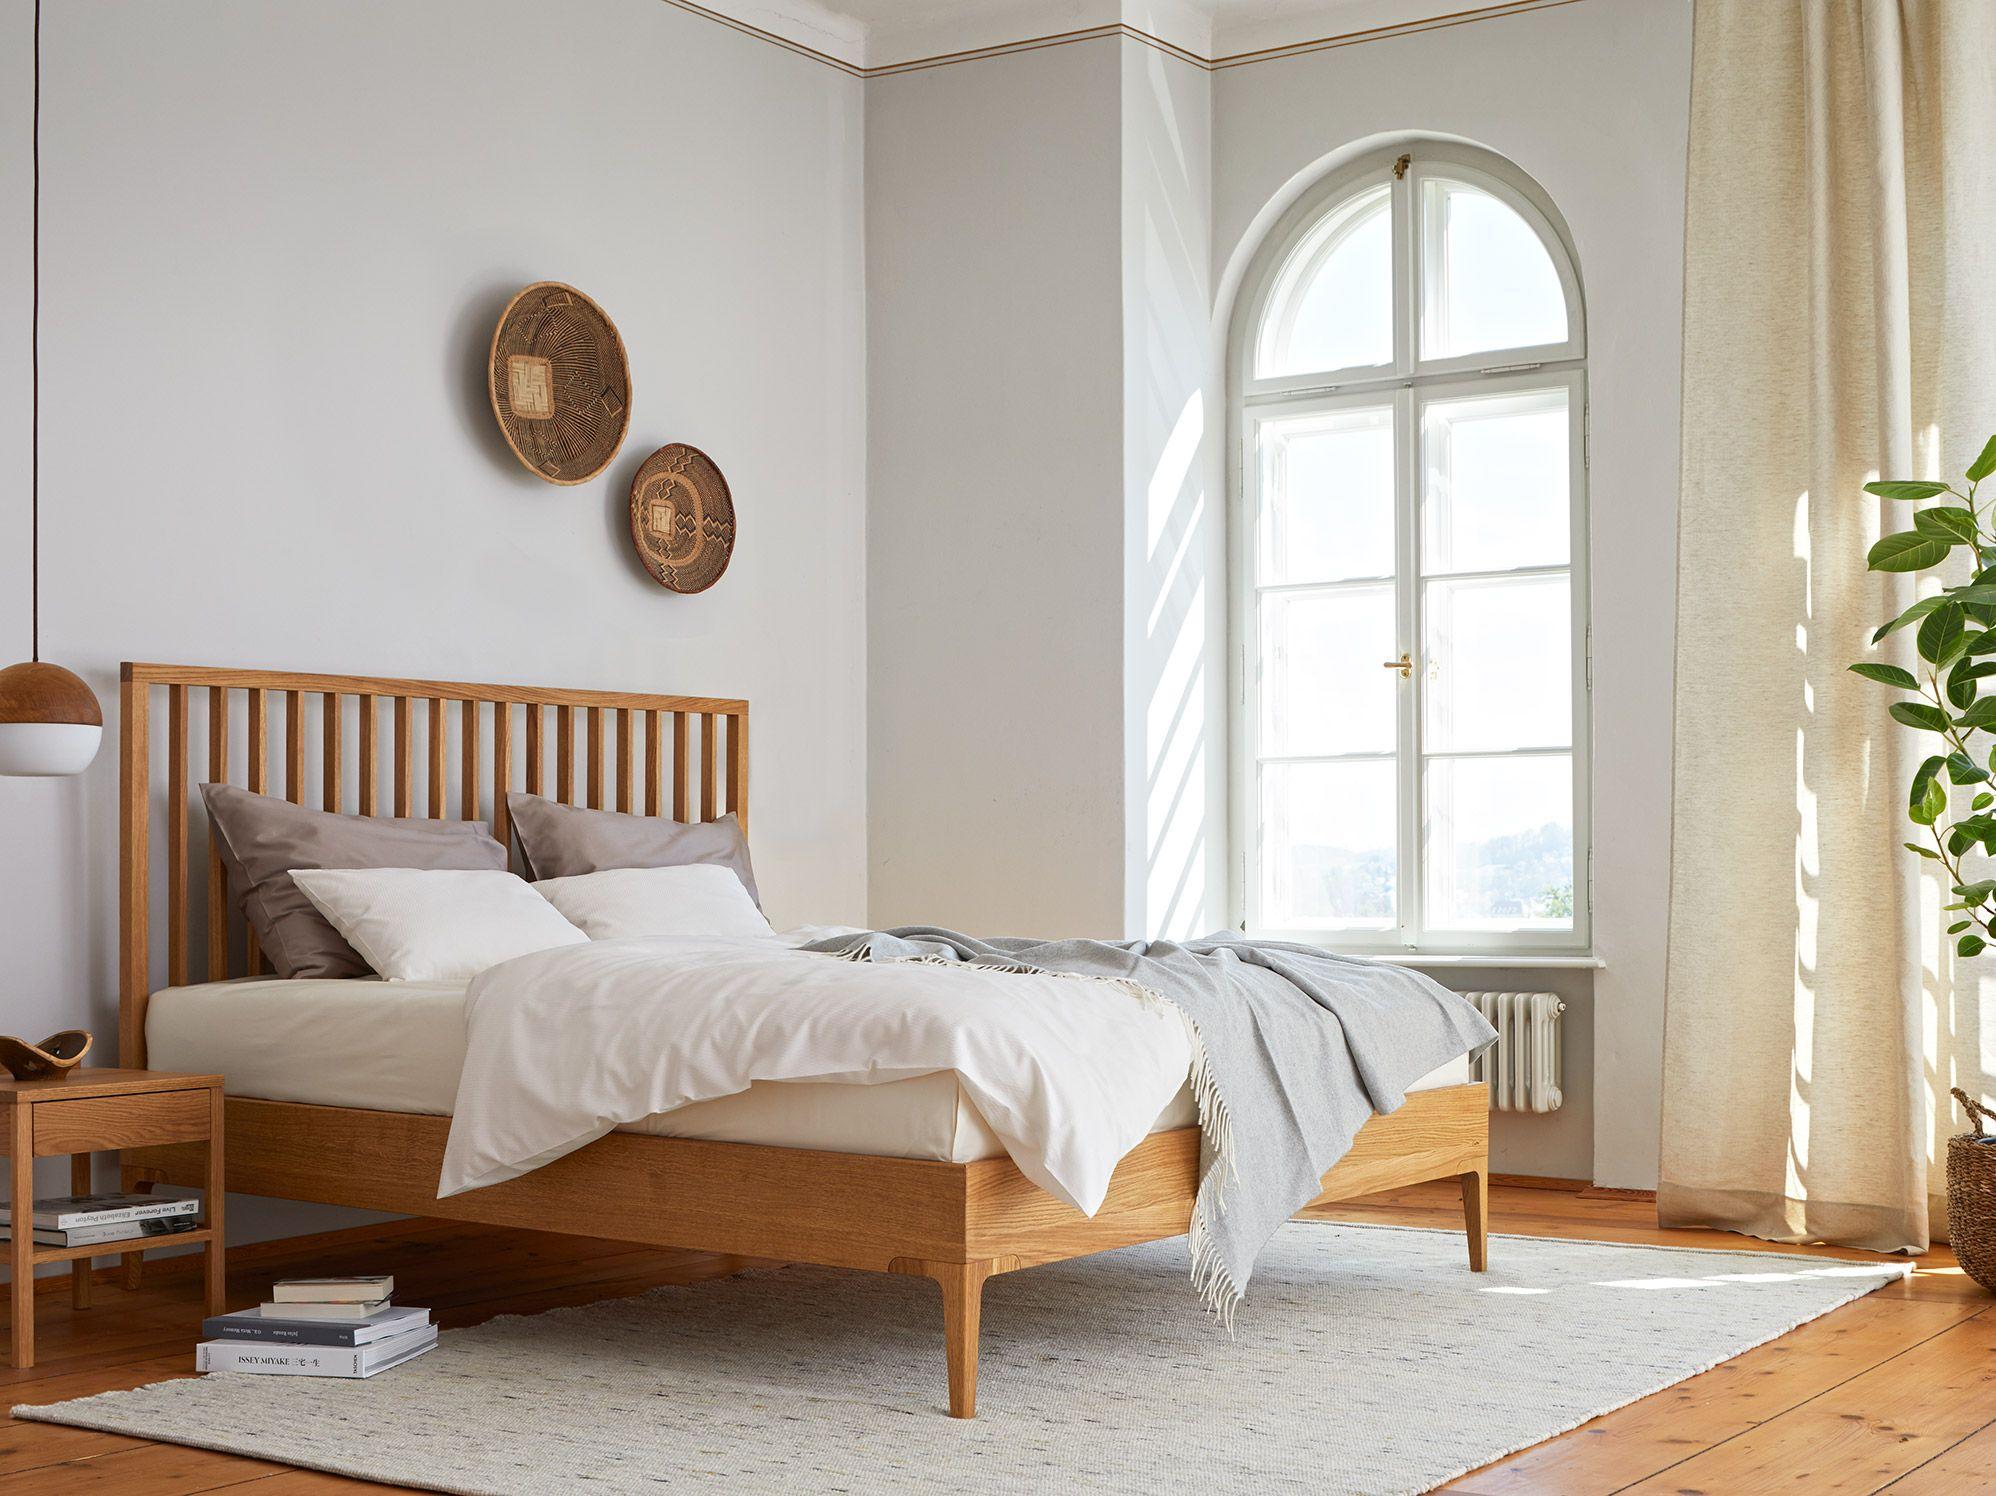 Bett Altro Sprossenbetthaupt Wohnen Schlafzimmer Ideen